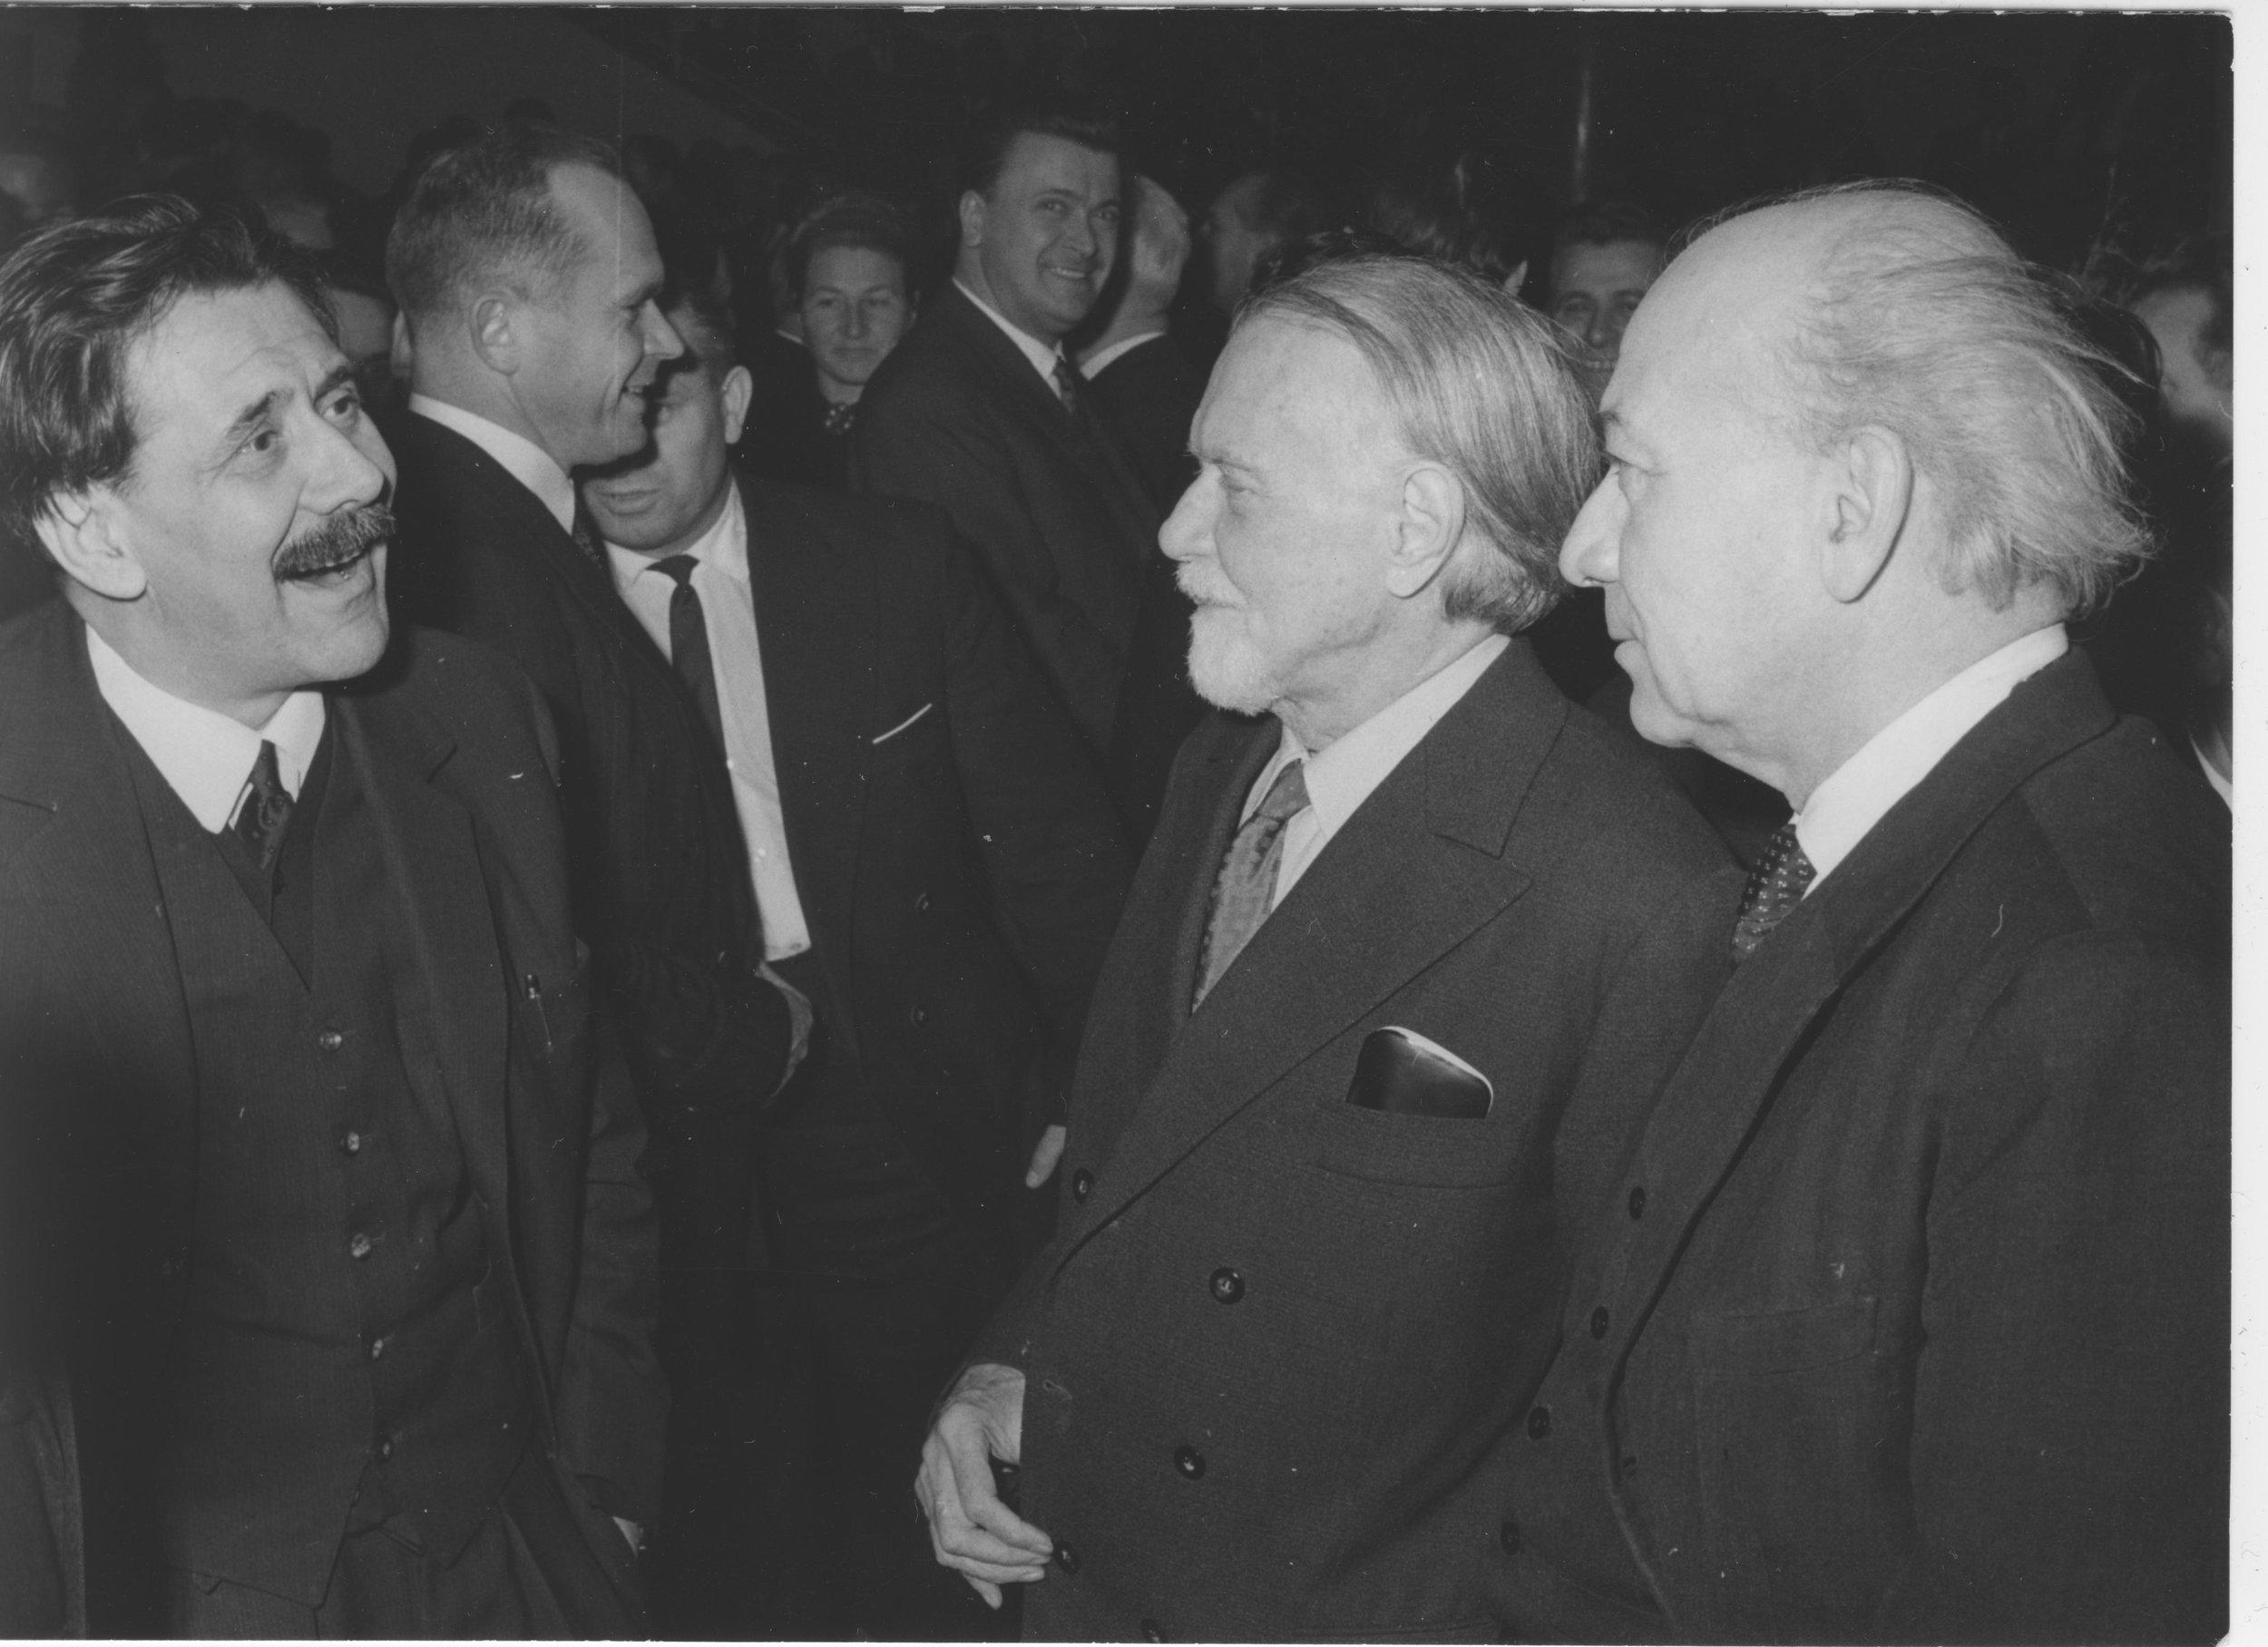 Aczél György Kodály Zoltán és Illyés Gyula társaaágában